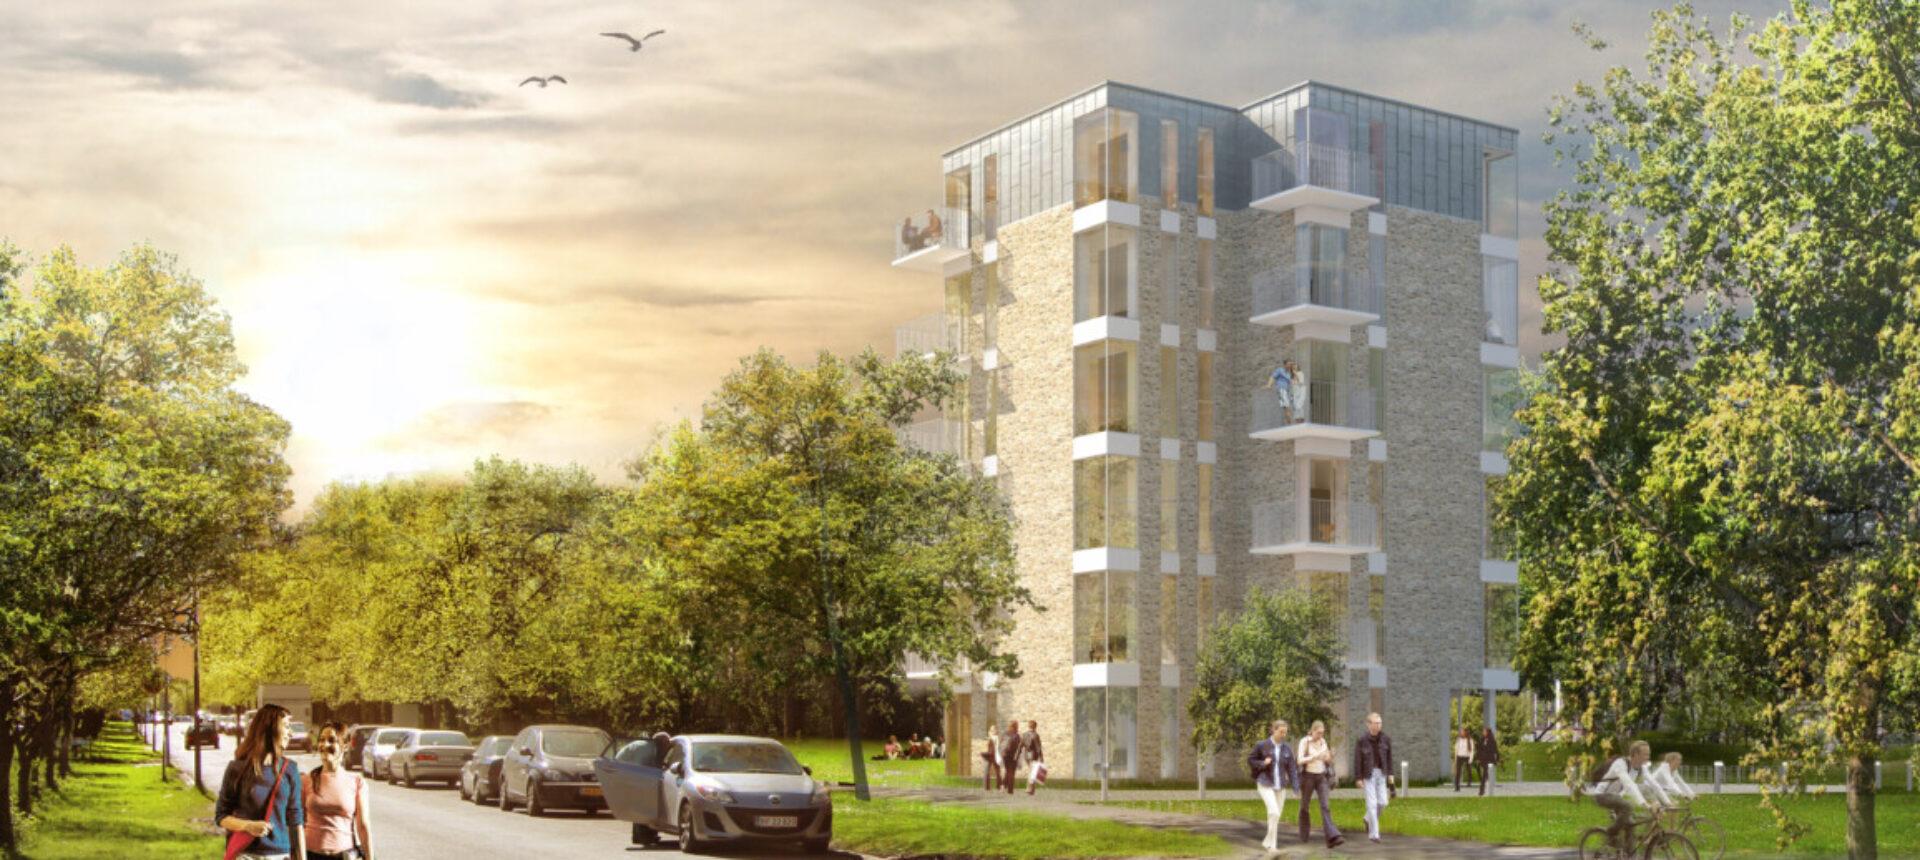 Projekt fundet til investor 21 studielejligheder på Østerbro